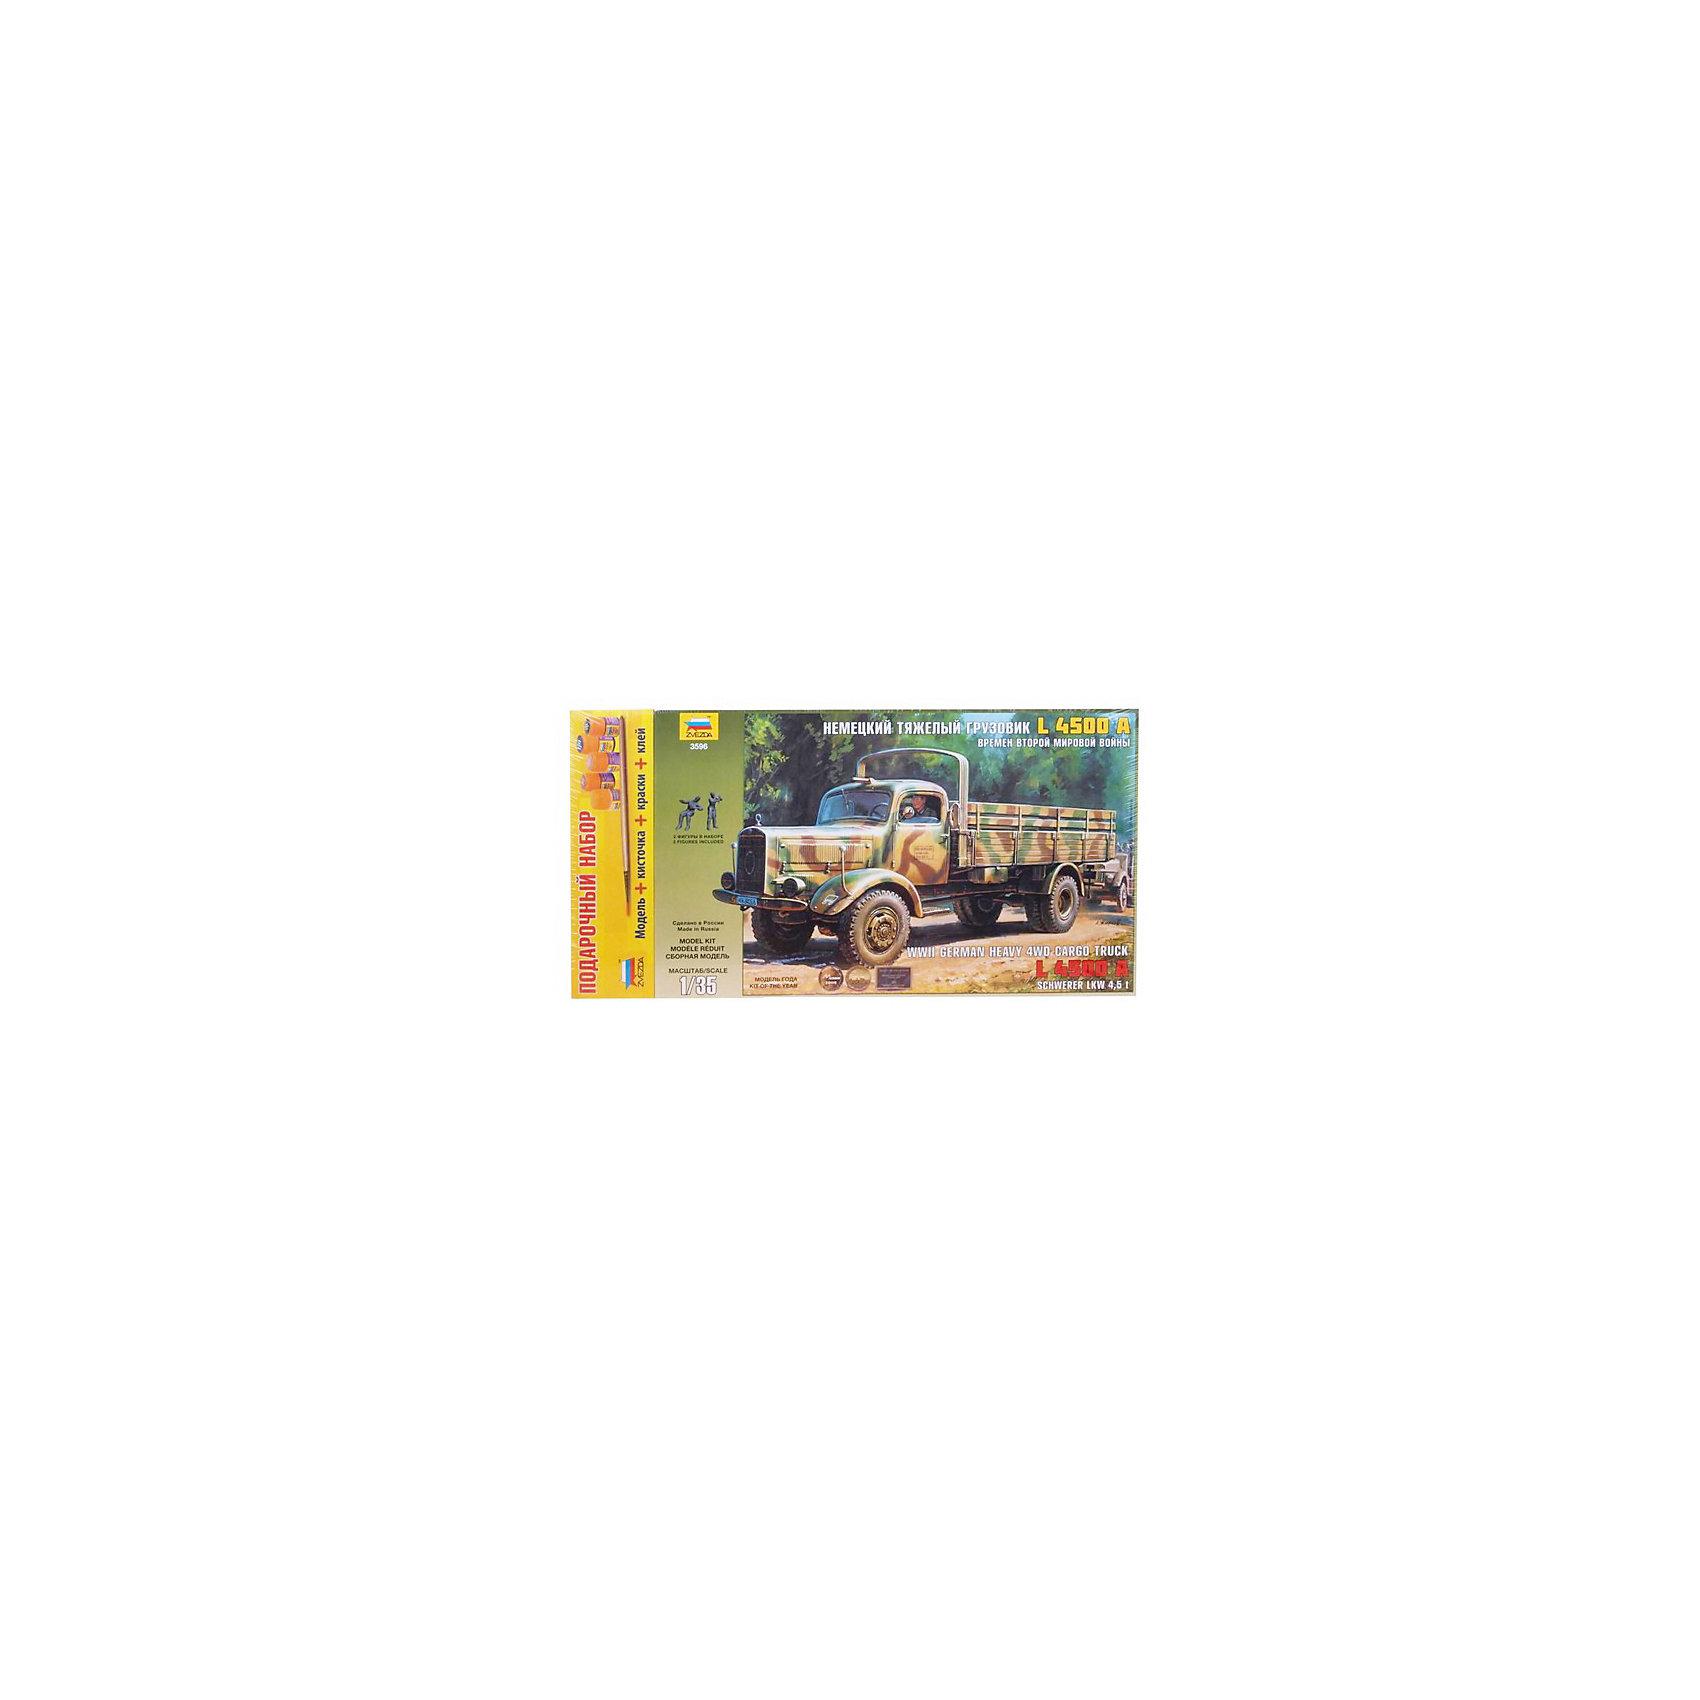 Сборная модель Звезда Немецкий тяжёлый грузовик L4500A, 1:35 (подарочный набор)Модели для склеивания<br>Набор подарочный-сборка Немецкий тяжёлый грузовик L4500A<br><br>Ширина мм: 470<br>Глубина мм: 245<br>Высота мм: 70<br>Вес г: 840<br>Возраст от месяцев: 36<br>Возраст до месяцев: 180<br>Пол: Мужской<br>Возраст: Детский<br>SKU: 7086414